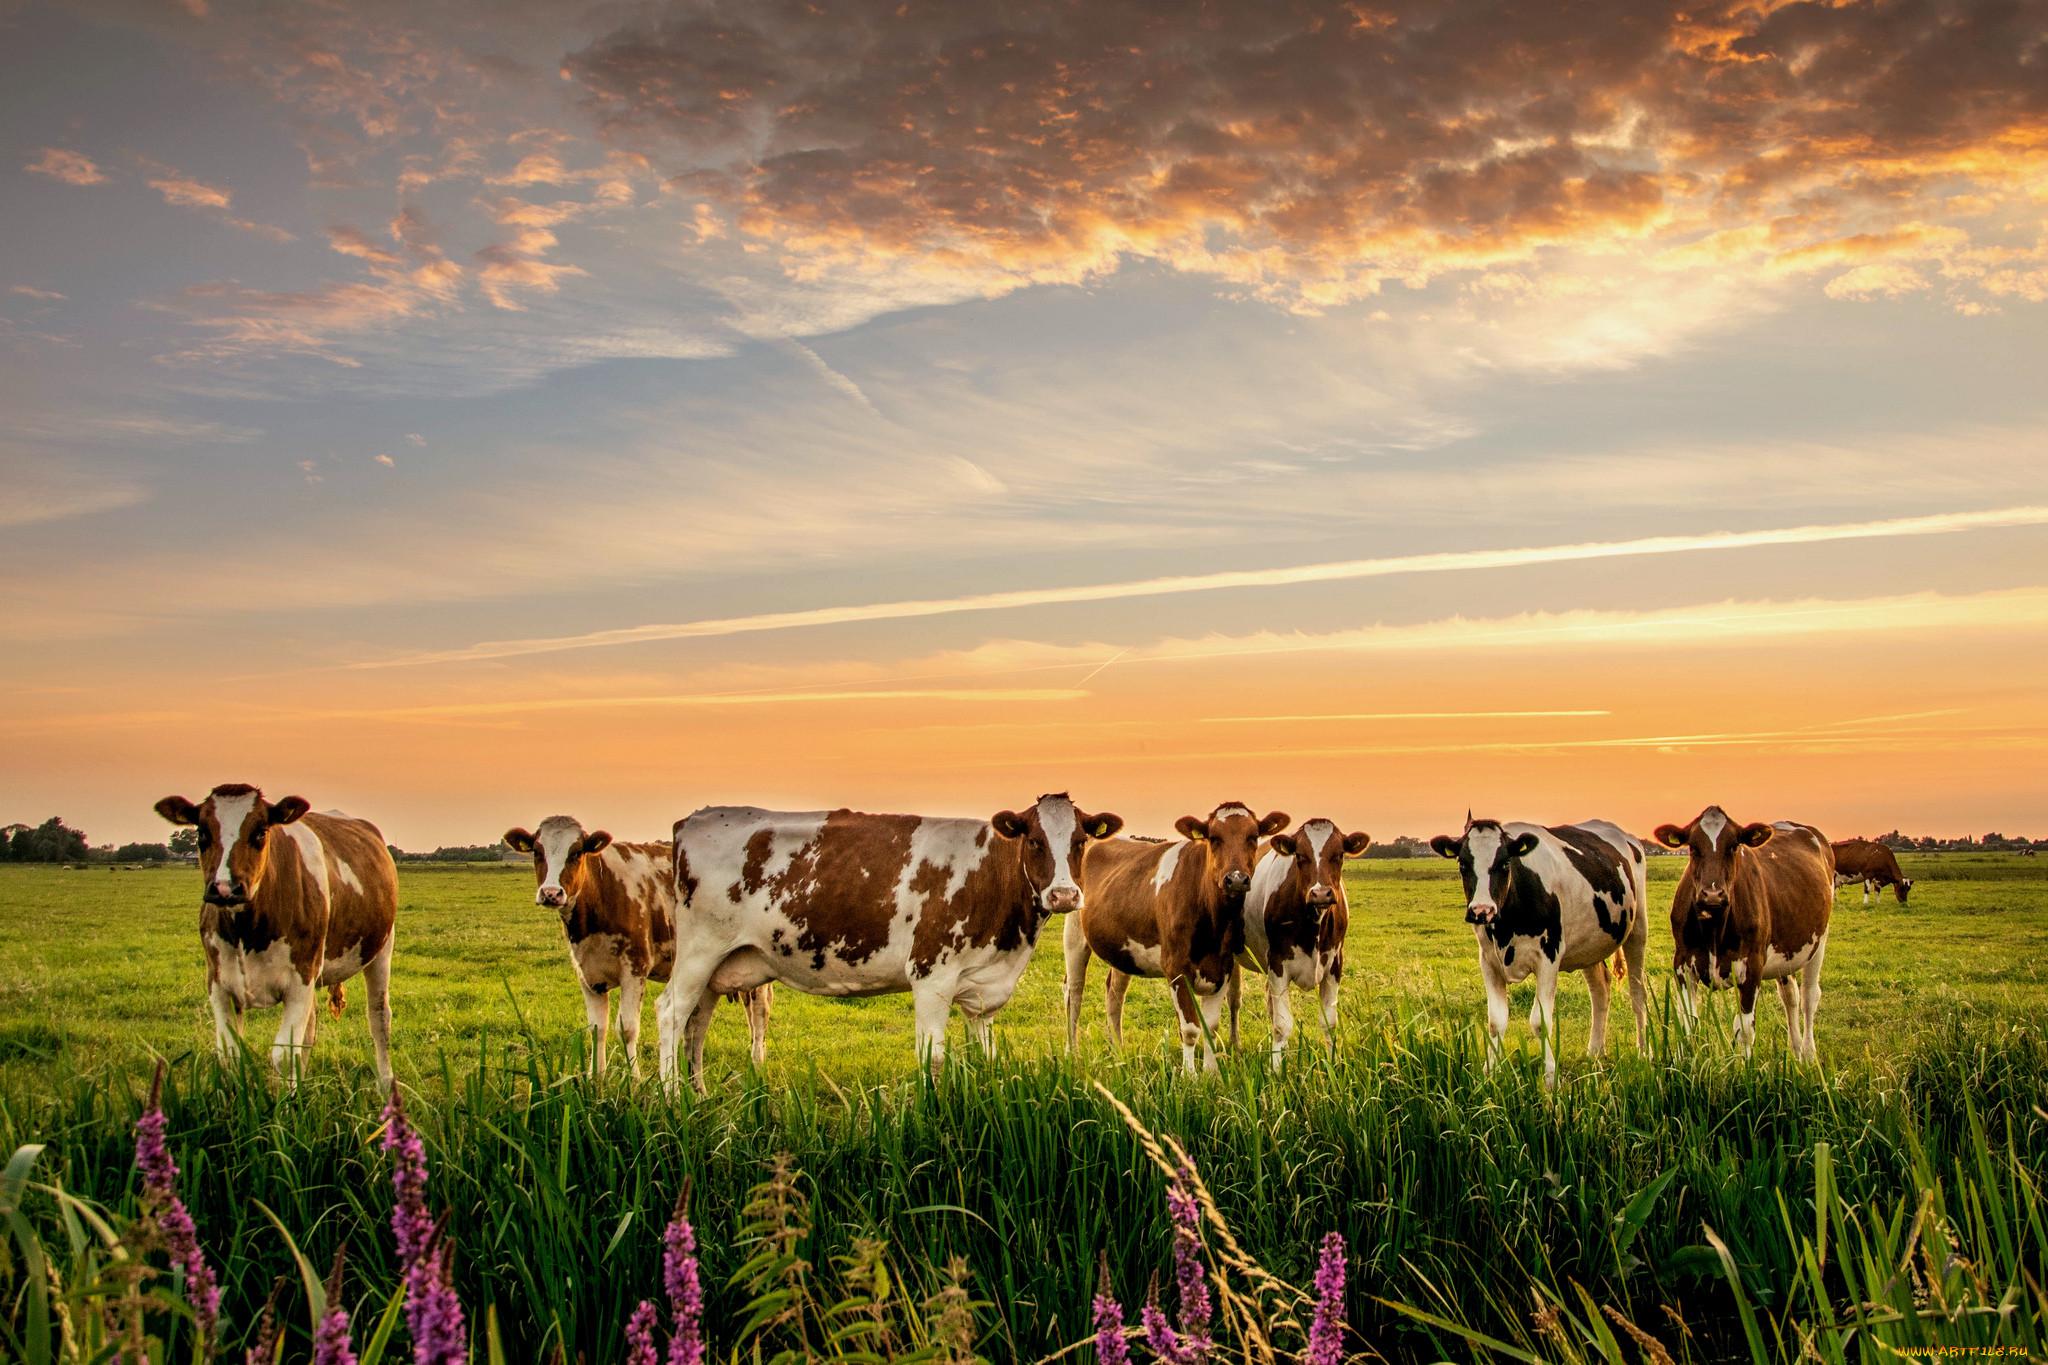 красивые картинки коровы на пастбище сейчас